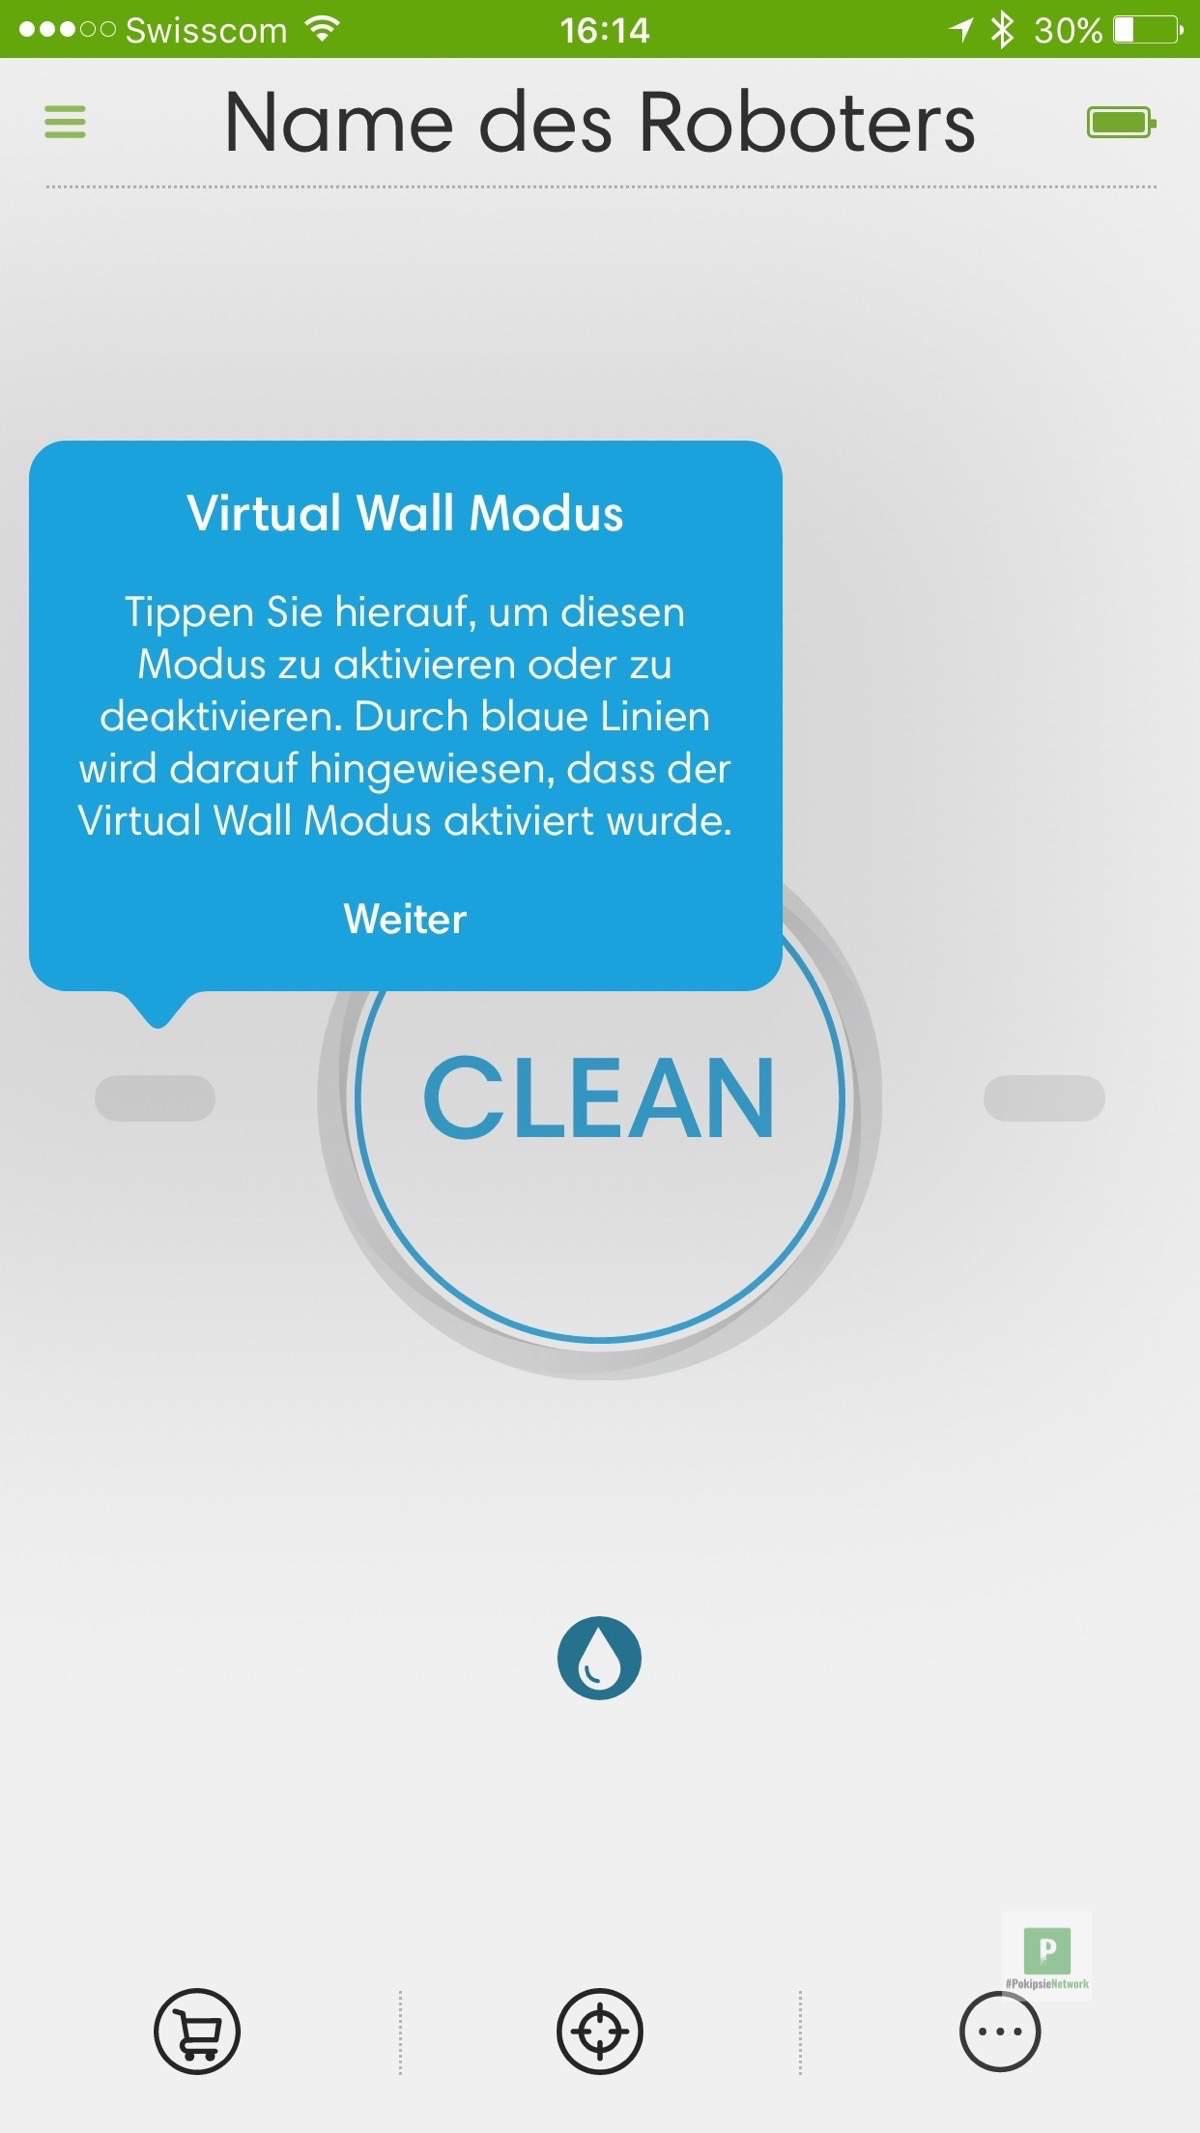 Anleitung zum Konfigurieren - Virtual Wall Modus aktivieren